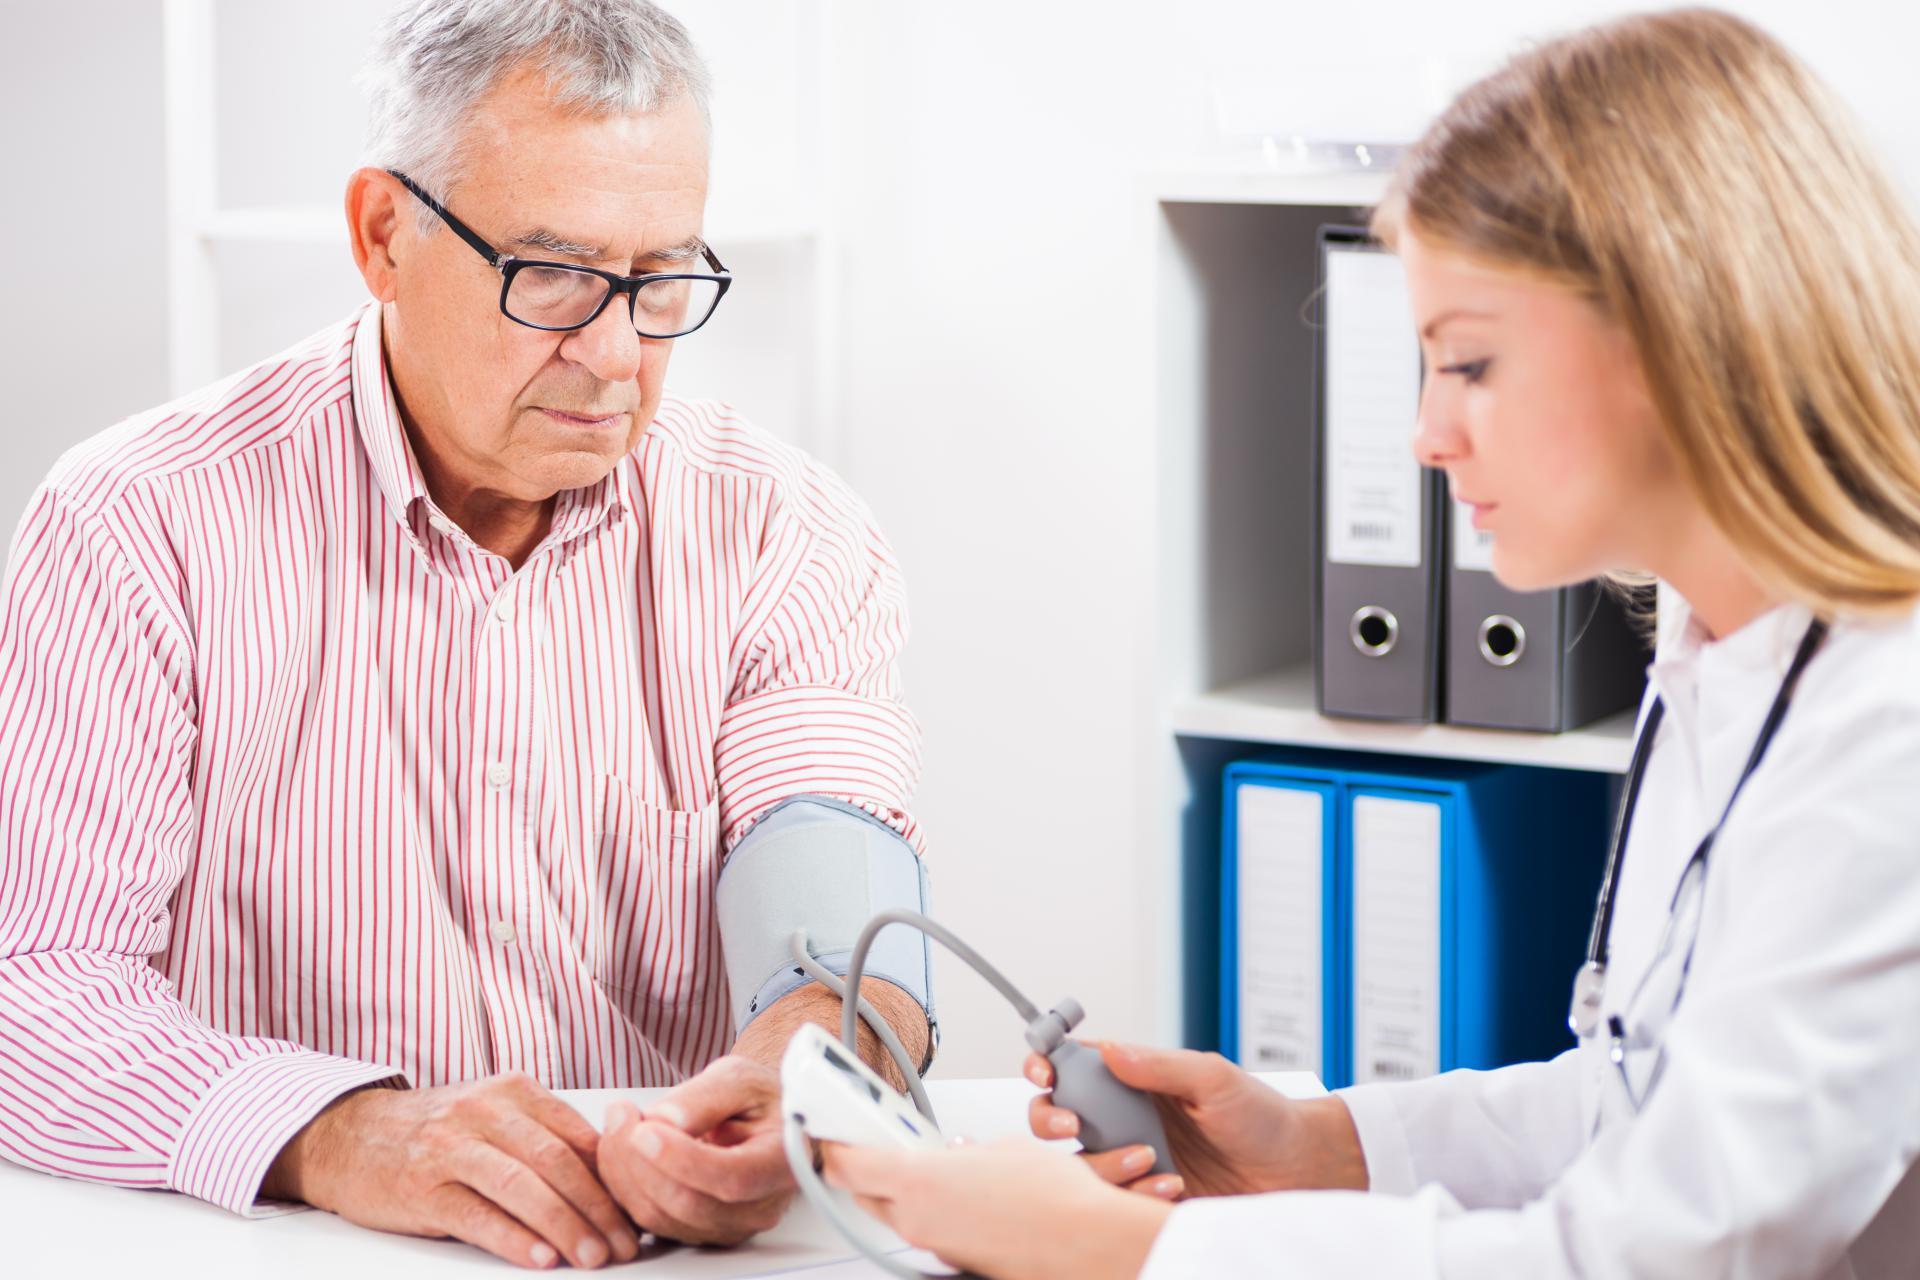 hipertenzija u žena nakon 50 godina)